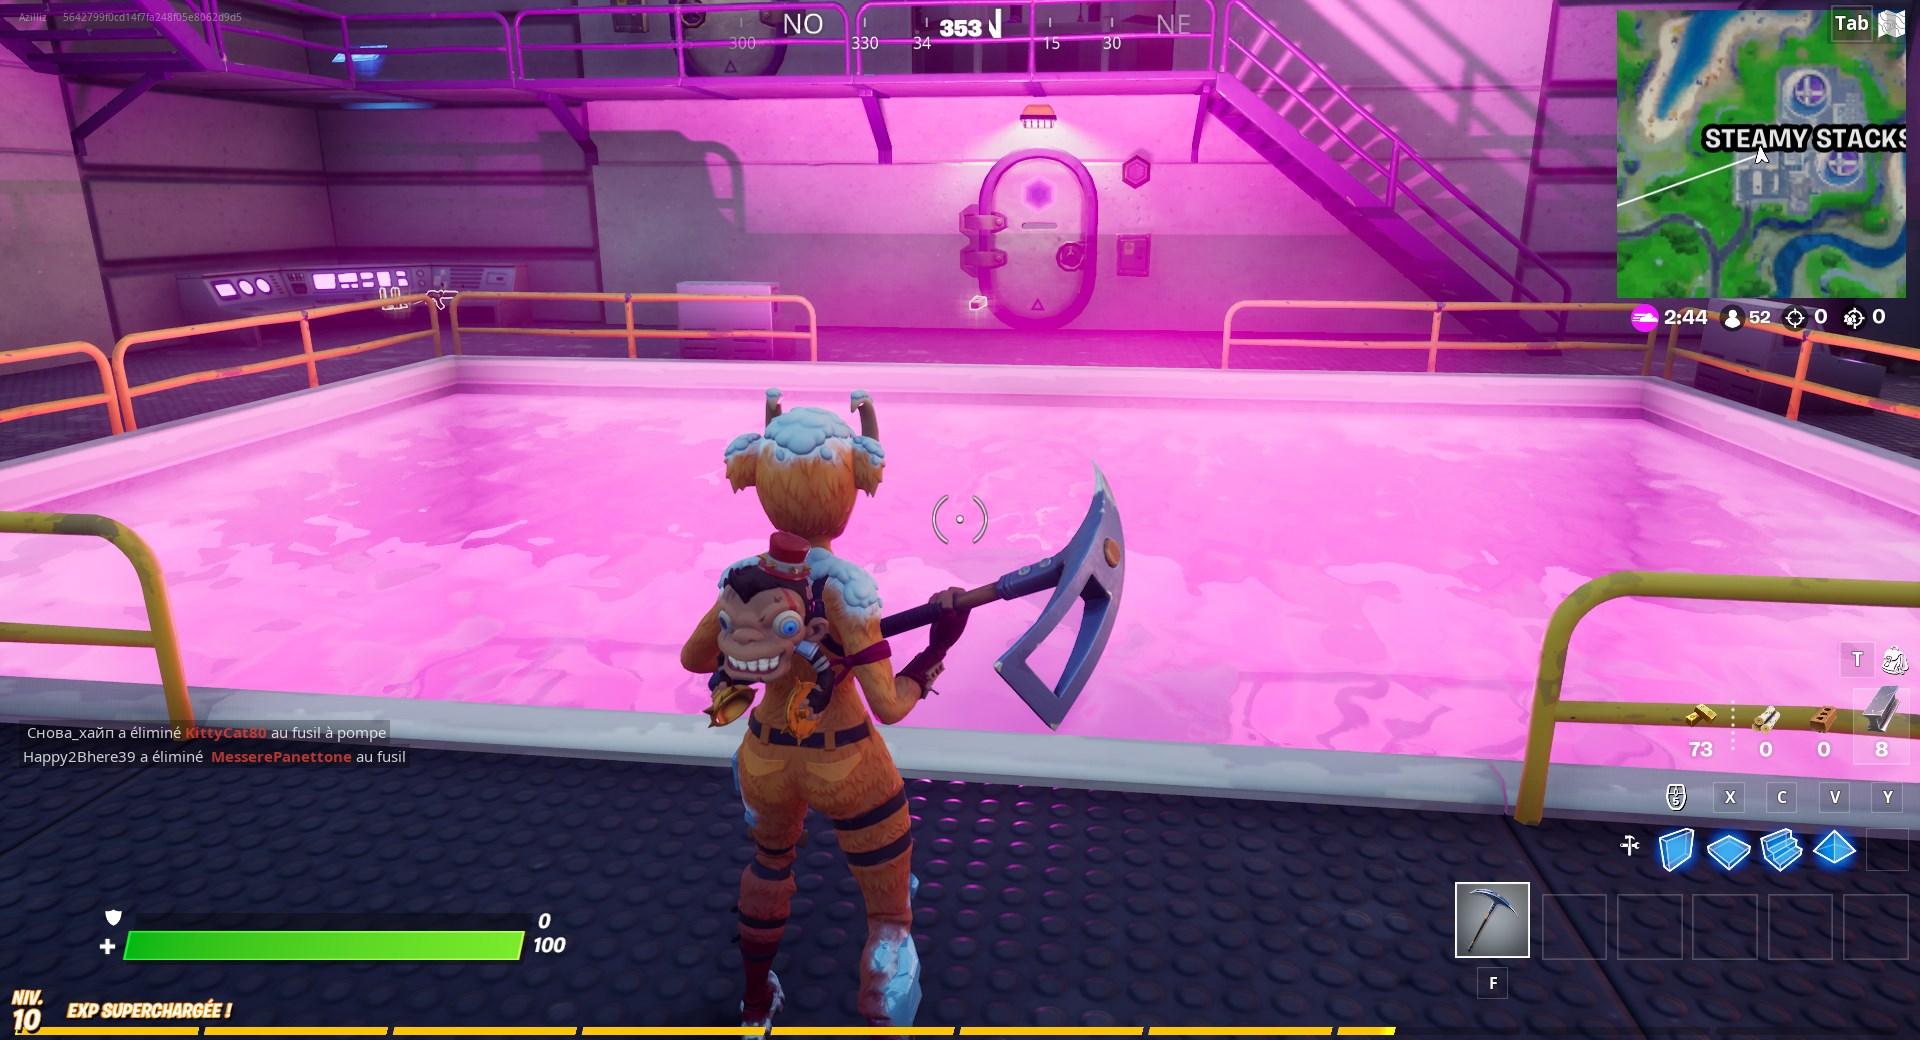 bassin-violet-steamy-stacks-fortnite